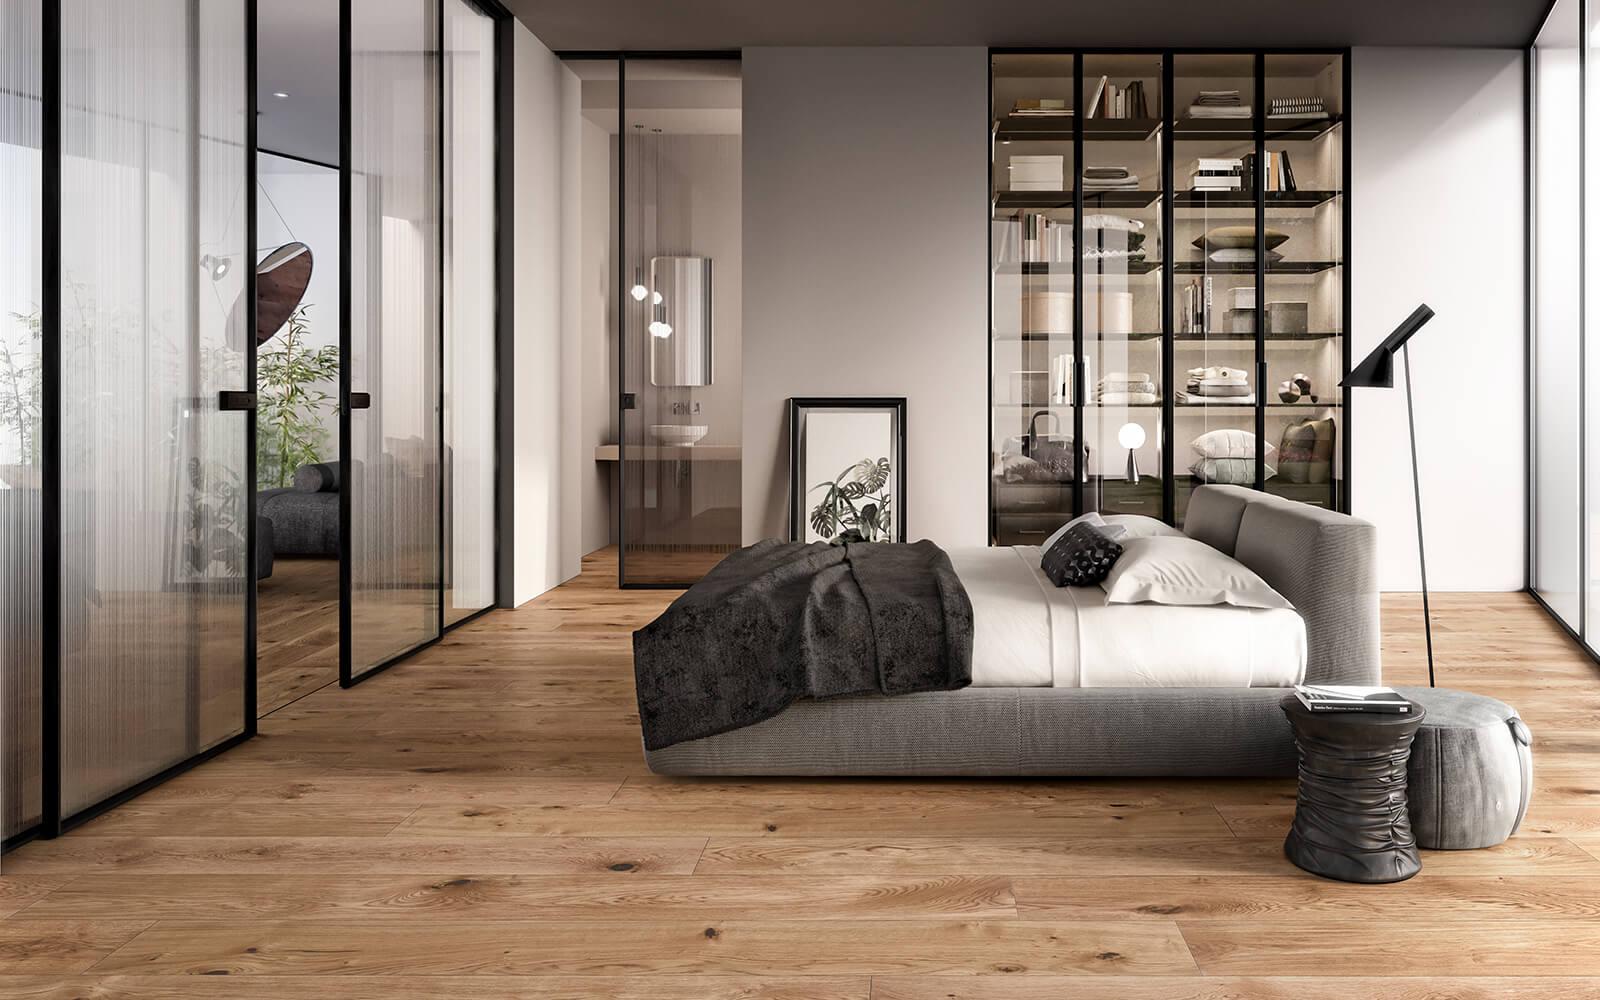 Camera da letto rovere seta garofoli - Garofoli